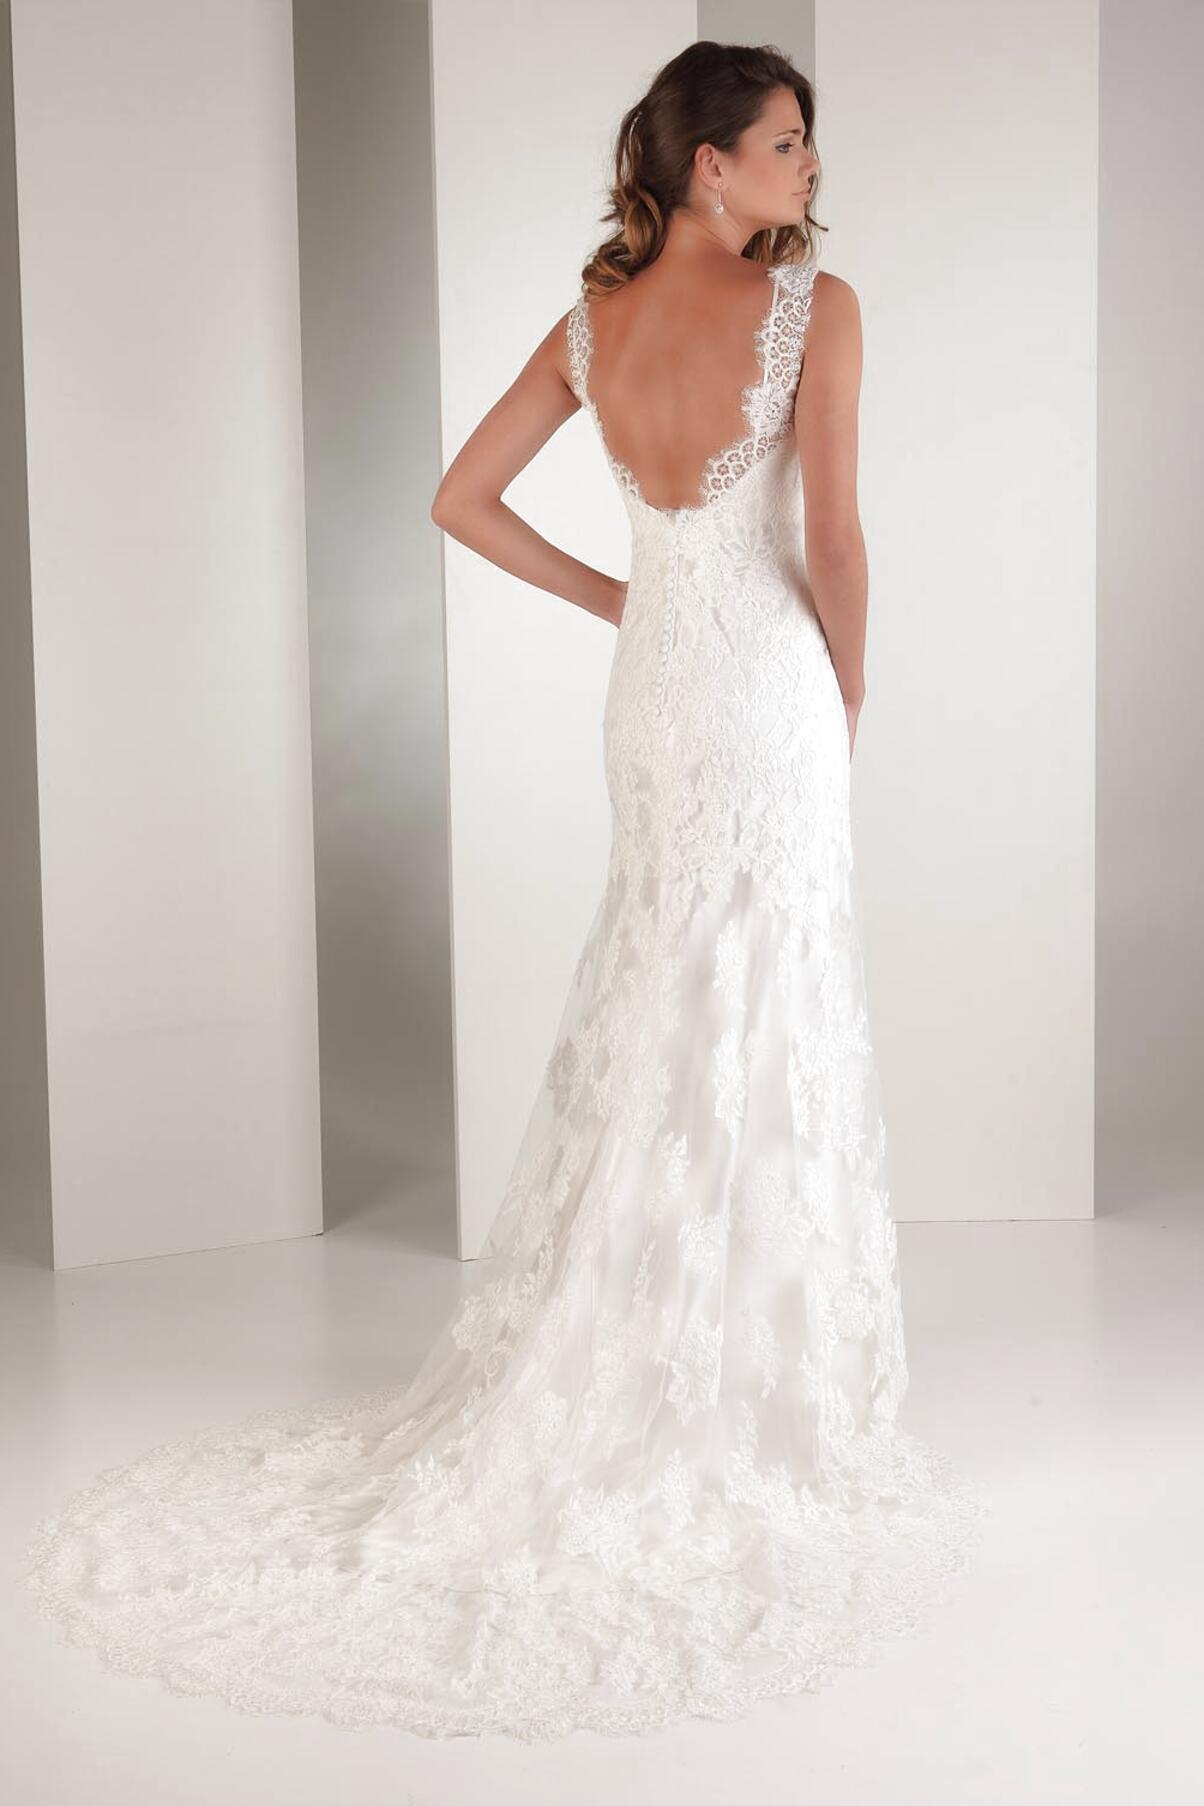 Kleid Spitze Lang gebraucht kaufen! Nur 3 St. bis -70% ...